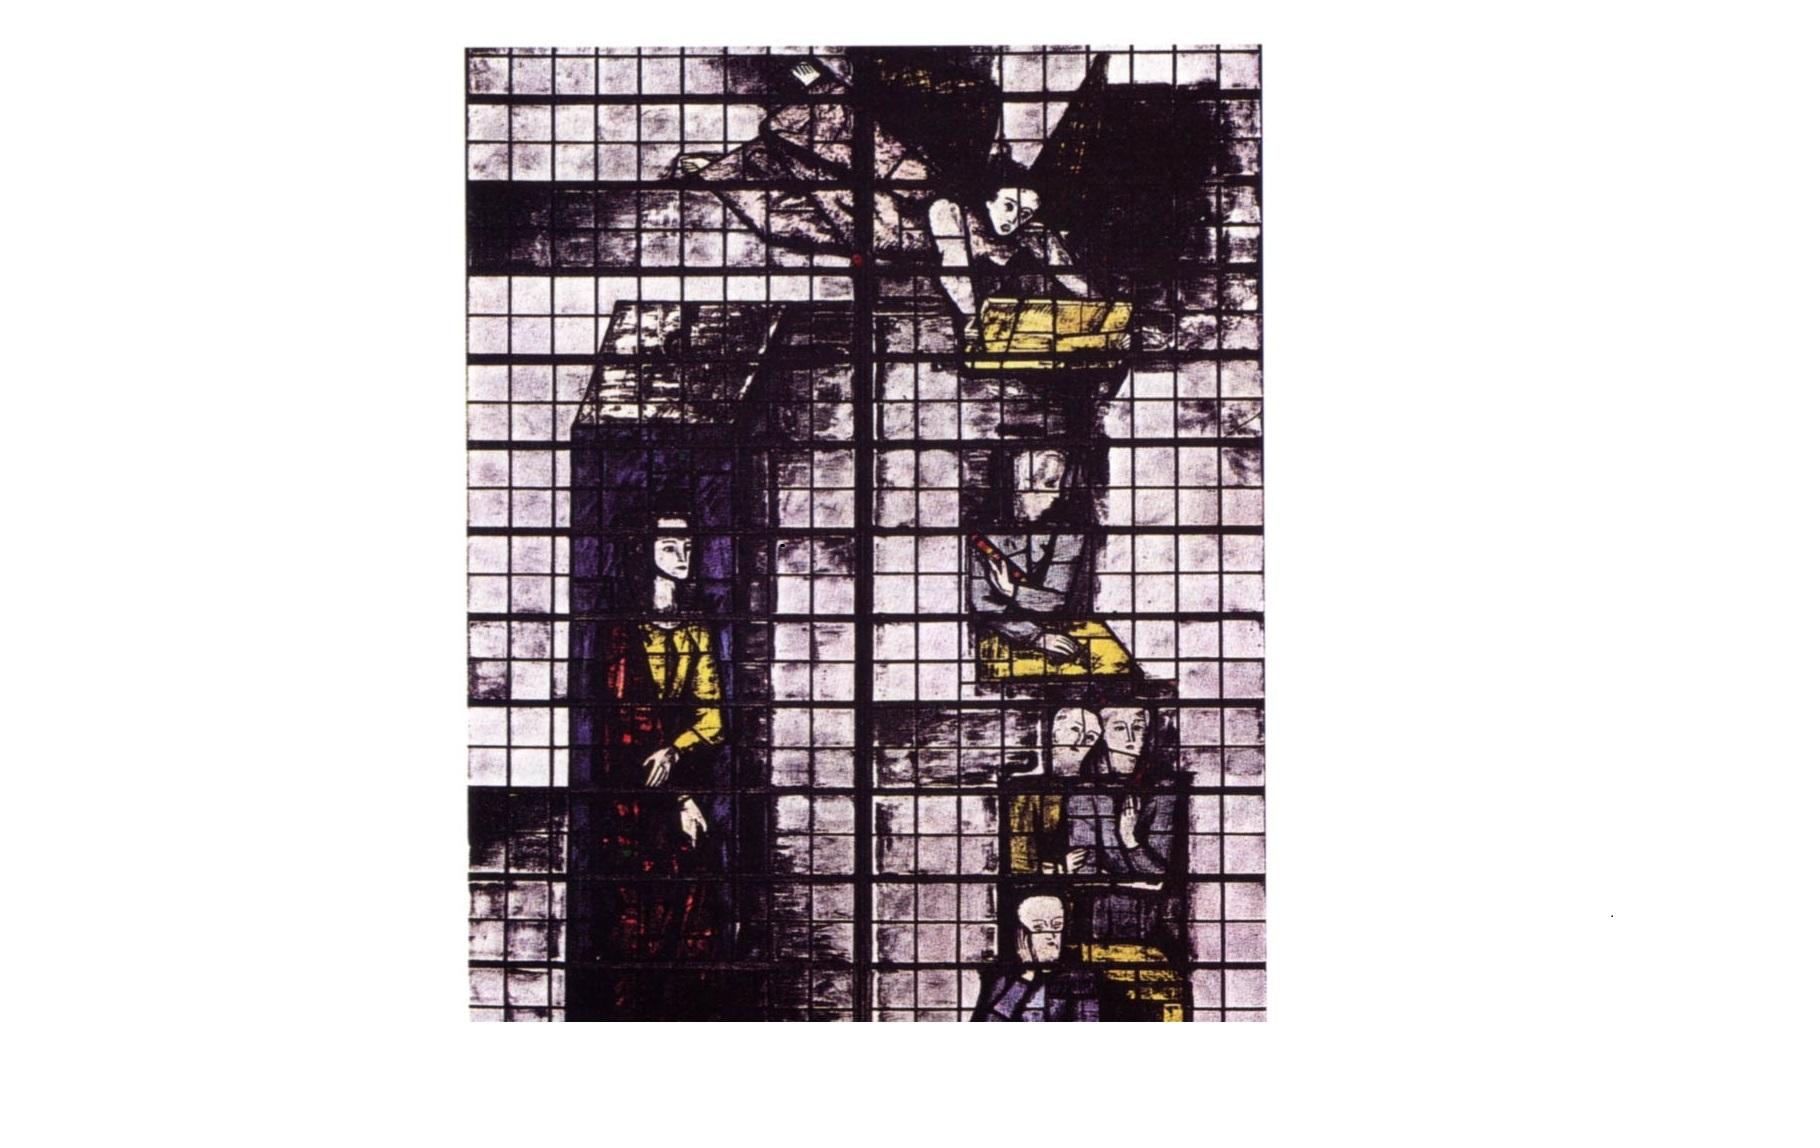 Copertina del n. 98 (1936) della Rivista Domus in cui viene riprodotto a colori il cartone della vetrata artistica per la Scuola di Matematica della Città Universitaria